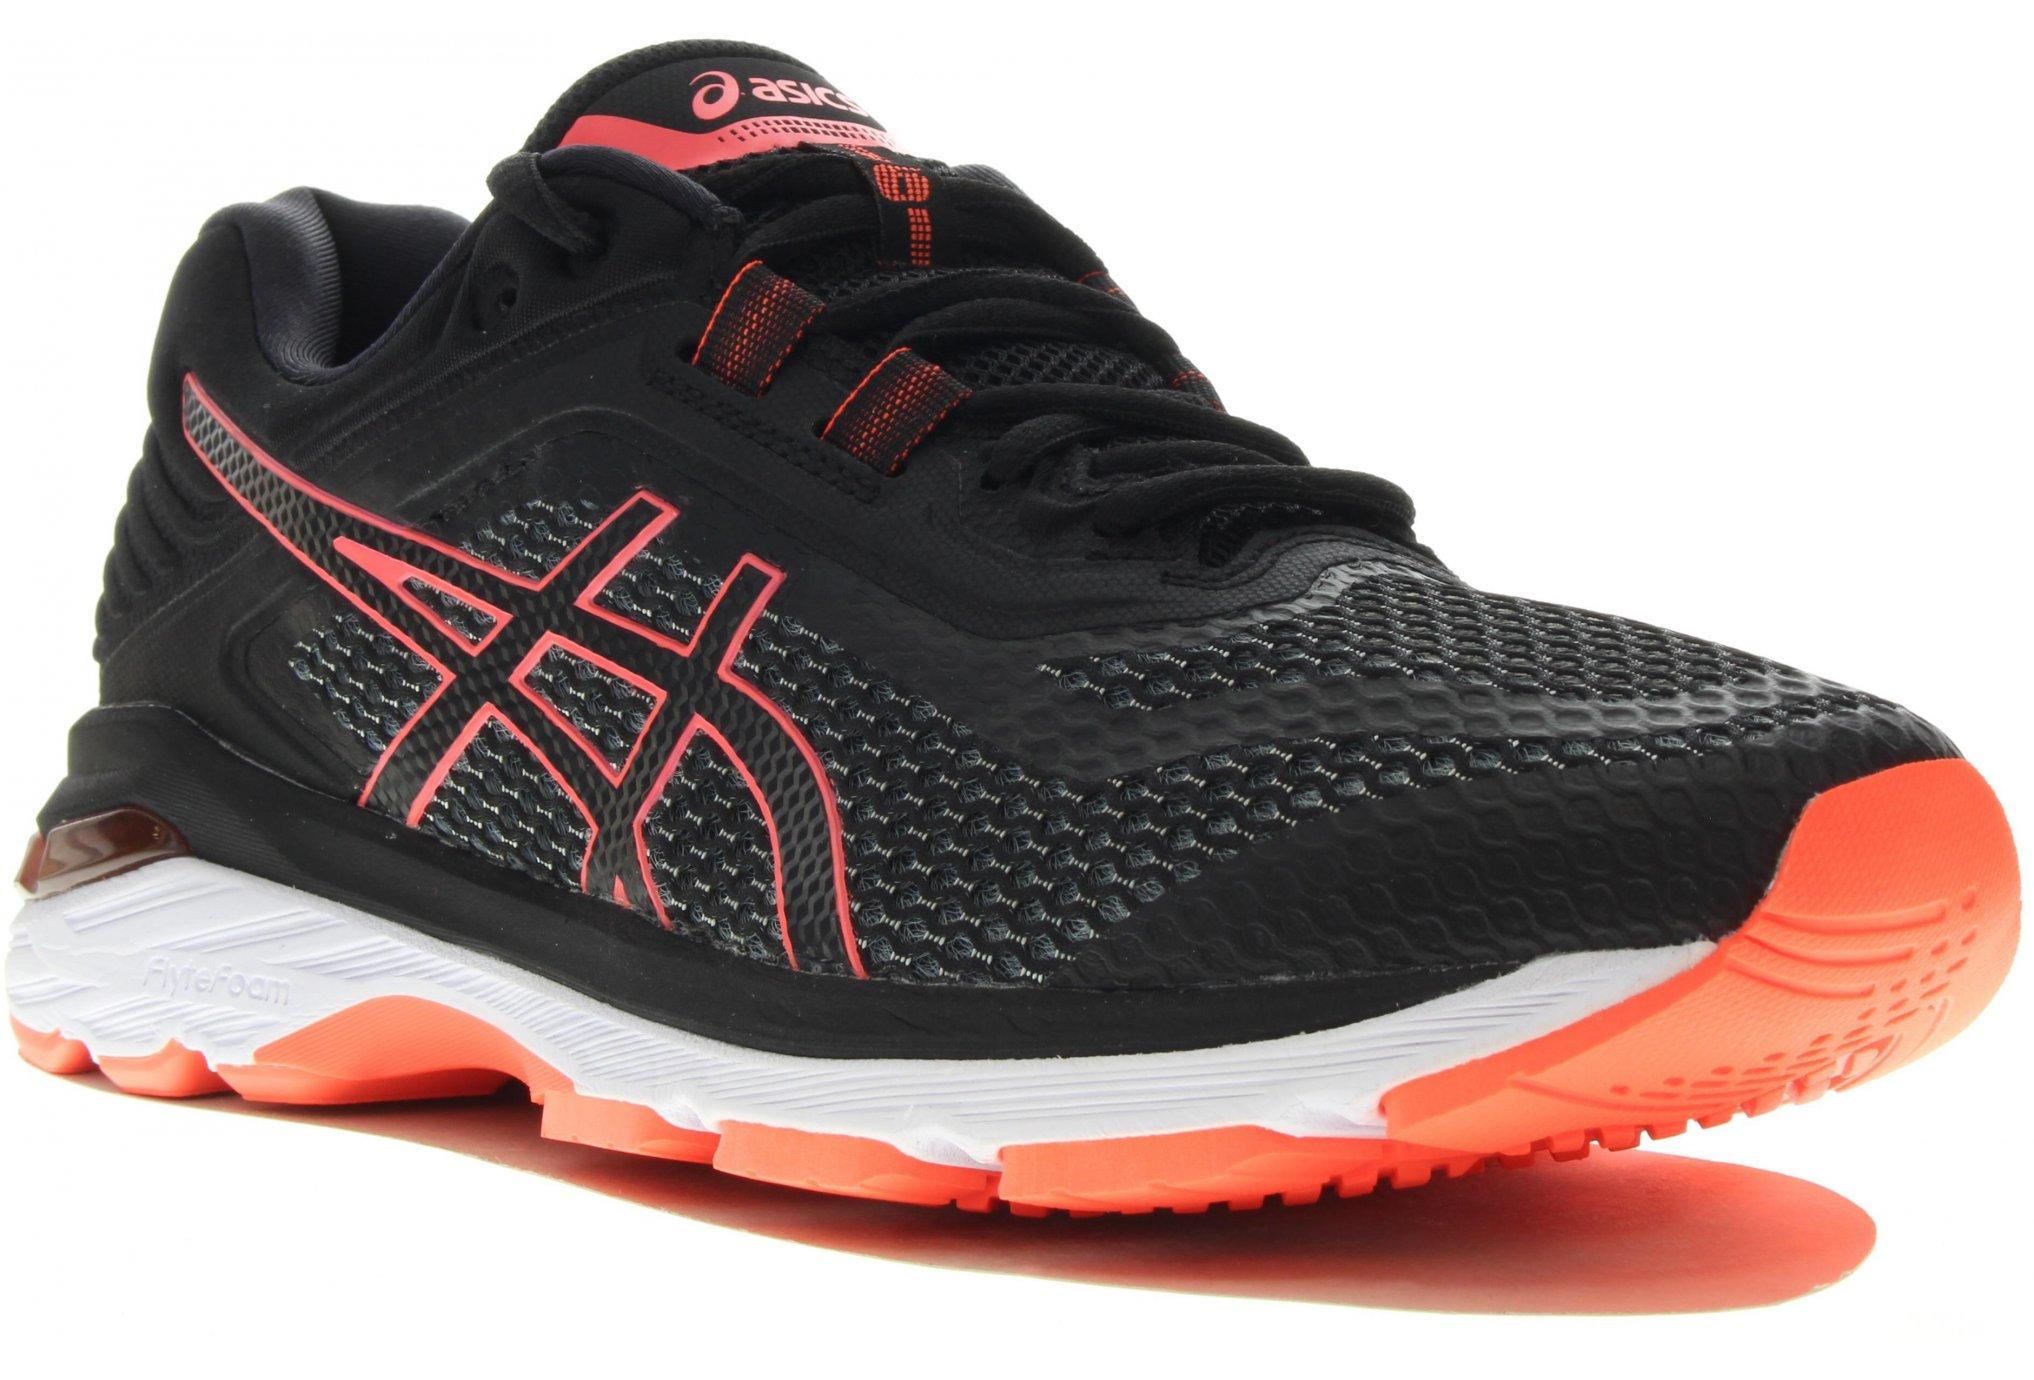 Asics GT-2000 6 W Chaussures running femme